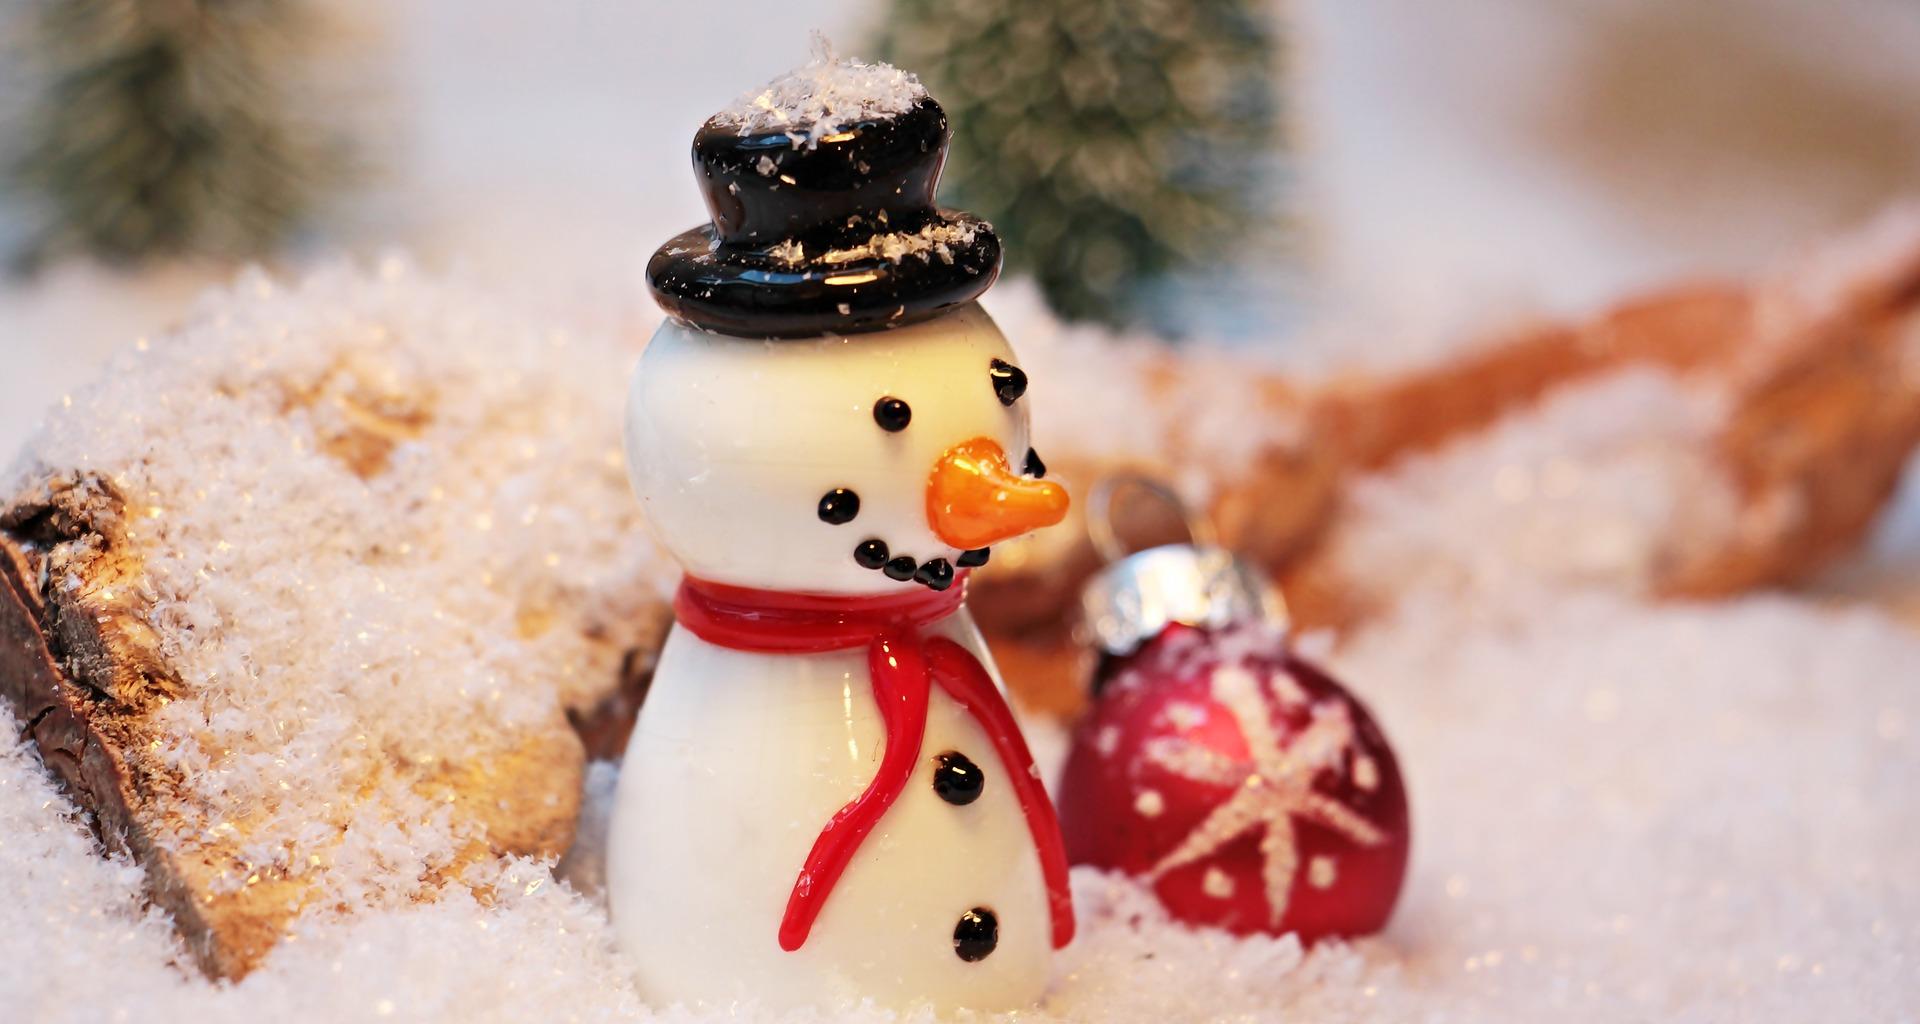 Adornos navide os caseros mam en apuros - Adornos navidenos caseros para ninos ...